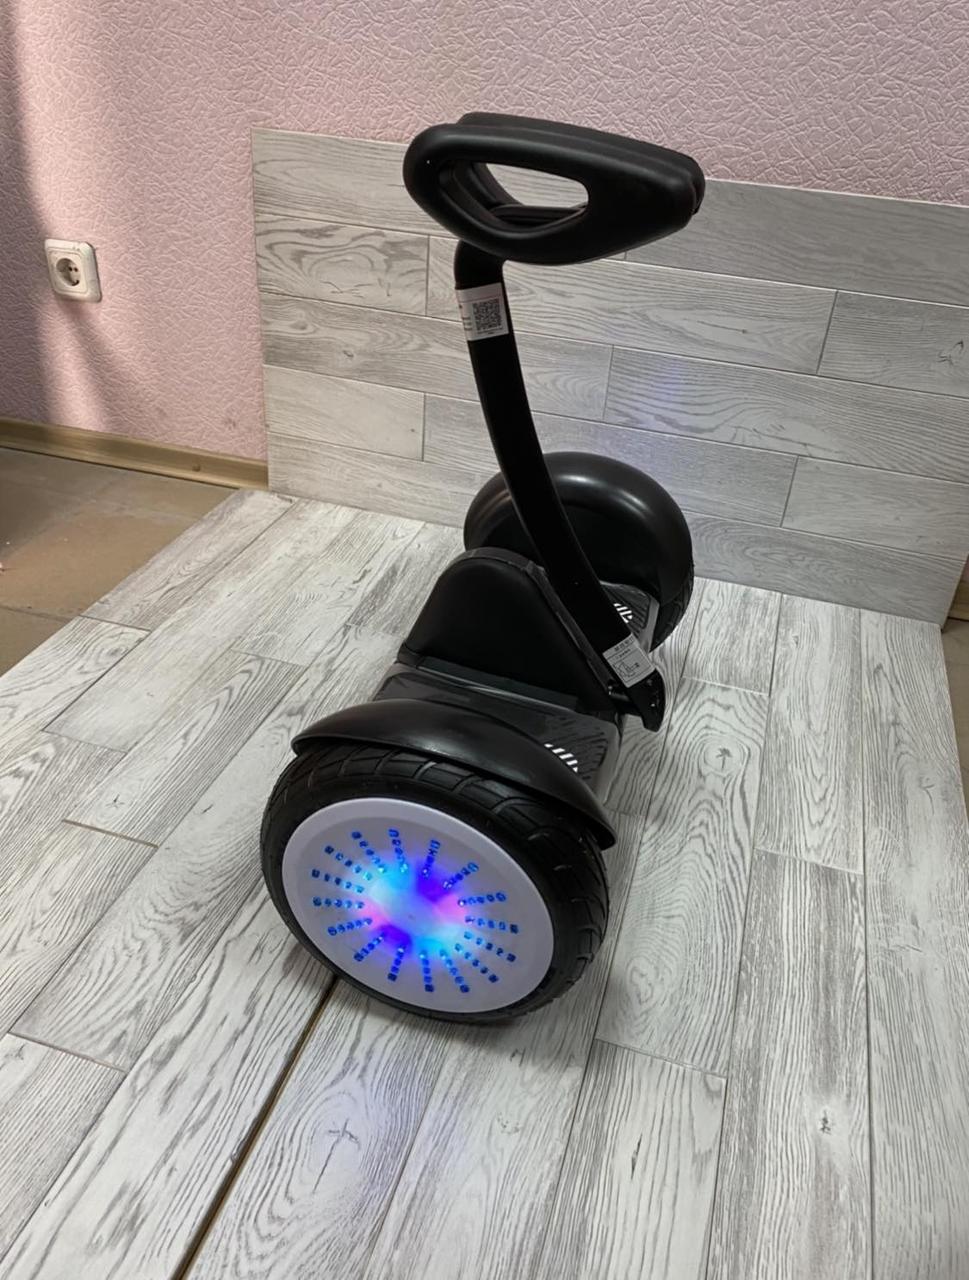 Міні сігвей гироскутер Ninebot Mini Robot 54V Чорний Black Міні-сігвей гіроскутер Чорний найнбот міні Робот